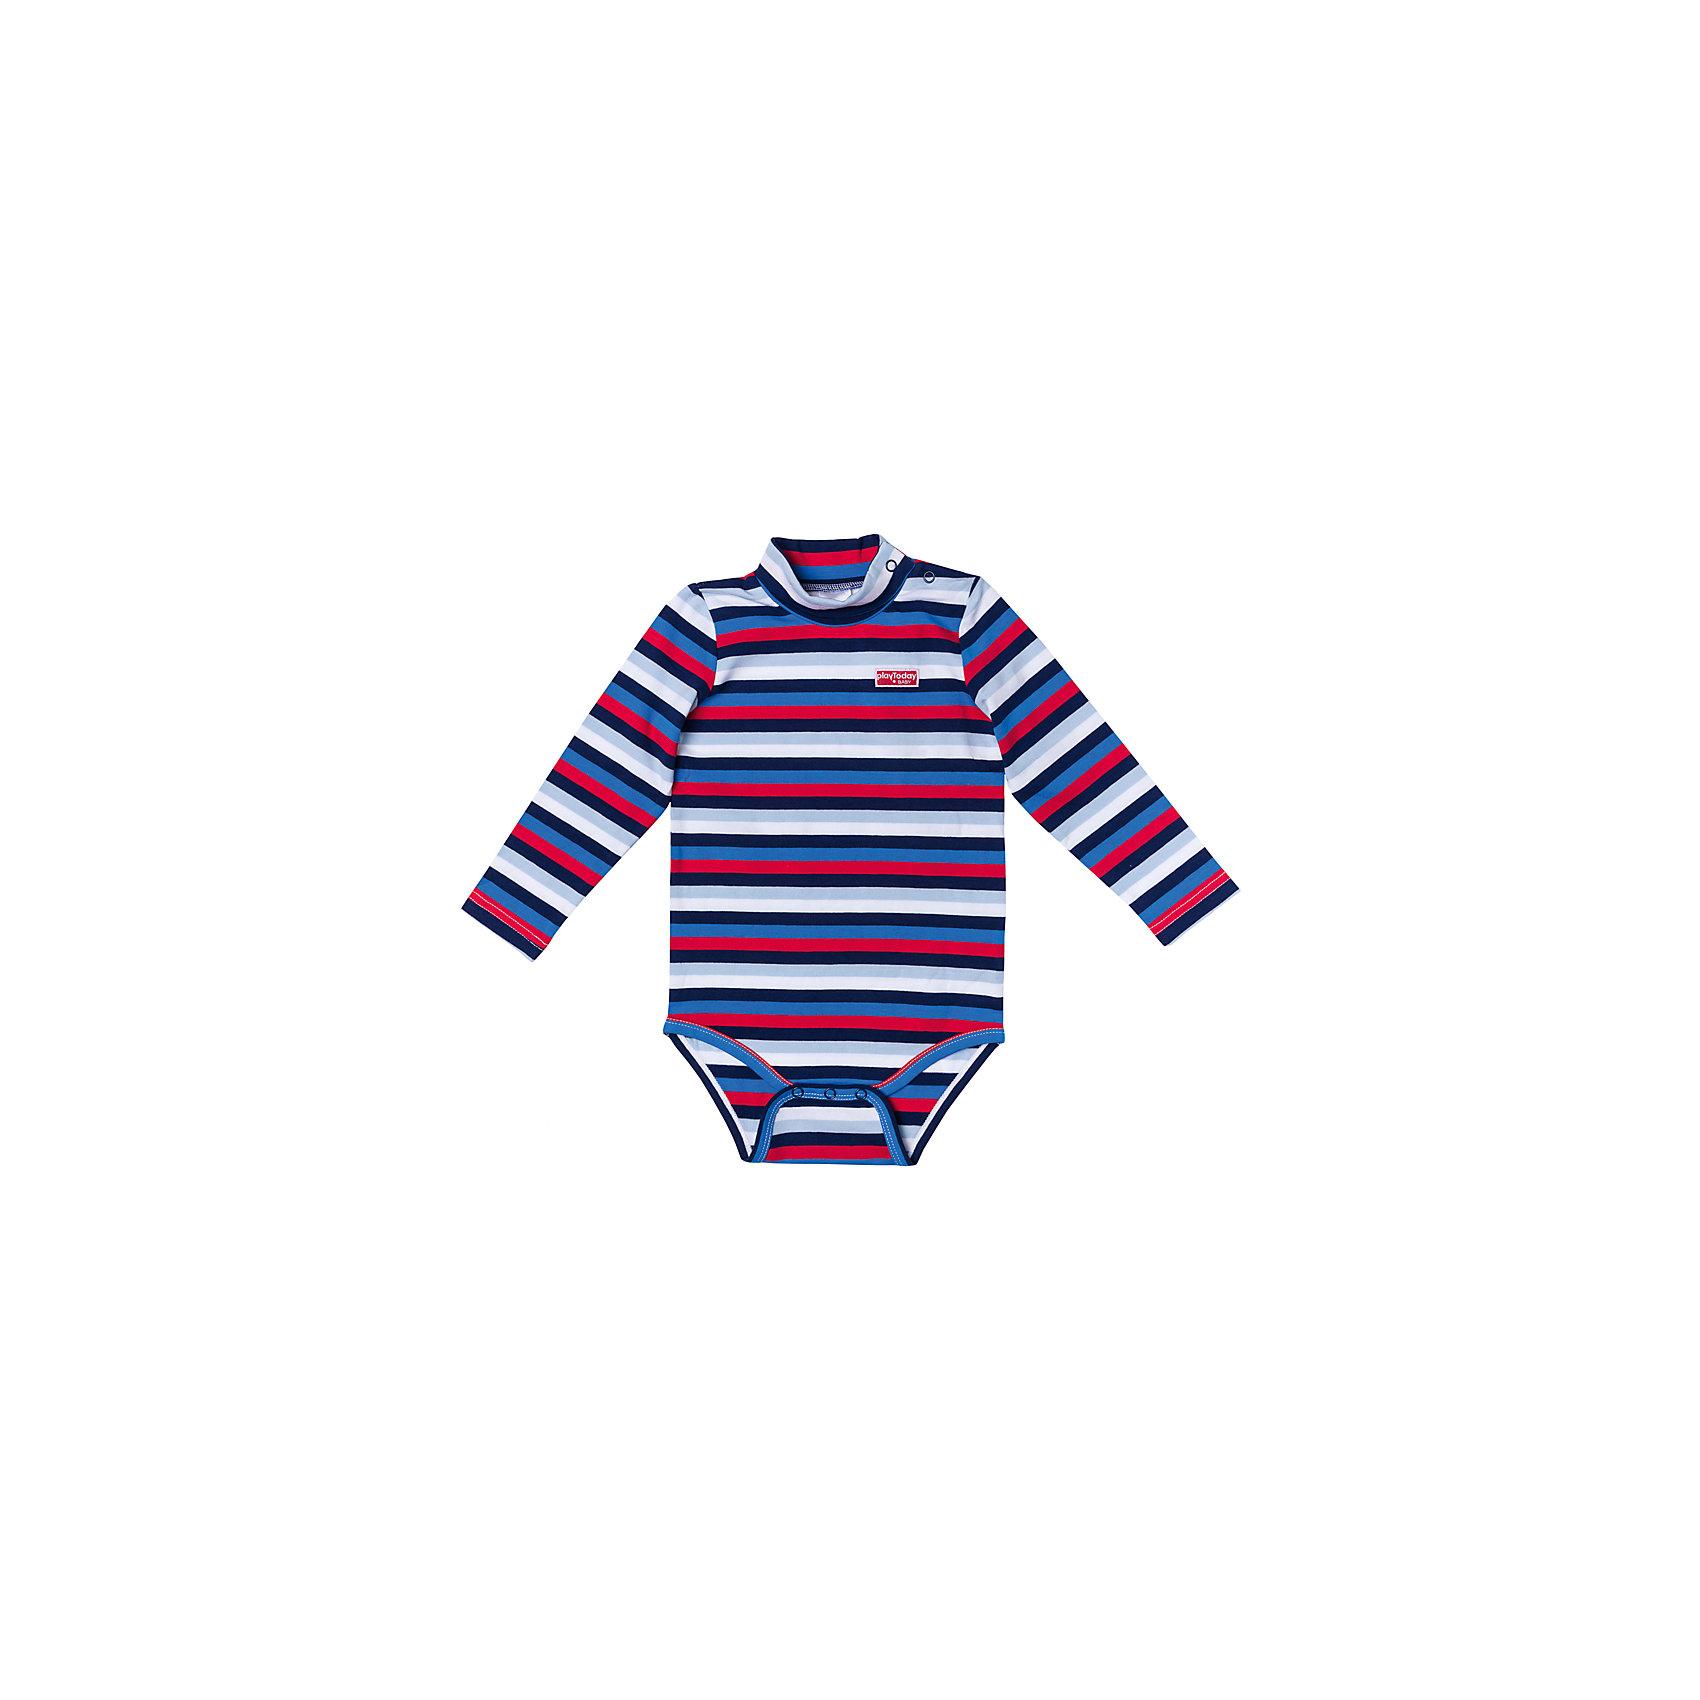 Боди для мальчика PlayTodayБоди для мальчика PlayToday<br>Боди из мягкой хлопковой ткани разнообразит гардероб Вашего малыша. Модель выполнена методомyarn dyed - в процессе производства в полотне используются разного цвета нити. Тем самым изделие, при рекомендуемом уходе, не линяет и надолго остается в прежнем виде, это определенный знак качества. Материал приятен к телу и не вызывает раздражений. Аккуратные швы не вызывают неприятных ощущений. Для удобства снимания - одевания на горловине и в паховой области расположены застежки - кнопки.Преимущества: Метод производства - YARN DYEDАккуратные швы не вызывают неприятных ощущений.Модель на застежках - кнопках<br>Состав:<br>95% хлопок, 5% эластан<br><br>Ширина мм: 157<br>Глубина мм: 13<br>Высота мм: 119<br>Вес г: 200<br>Цвет: разноцветный<br>Возраст от месяцев: 6<br>Возраст до месяцев: 9<br>Пол: Мужской<br>Возраст: Детский<br>Размер: 86,74,80<br>SKU: 5407770